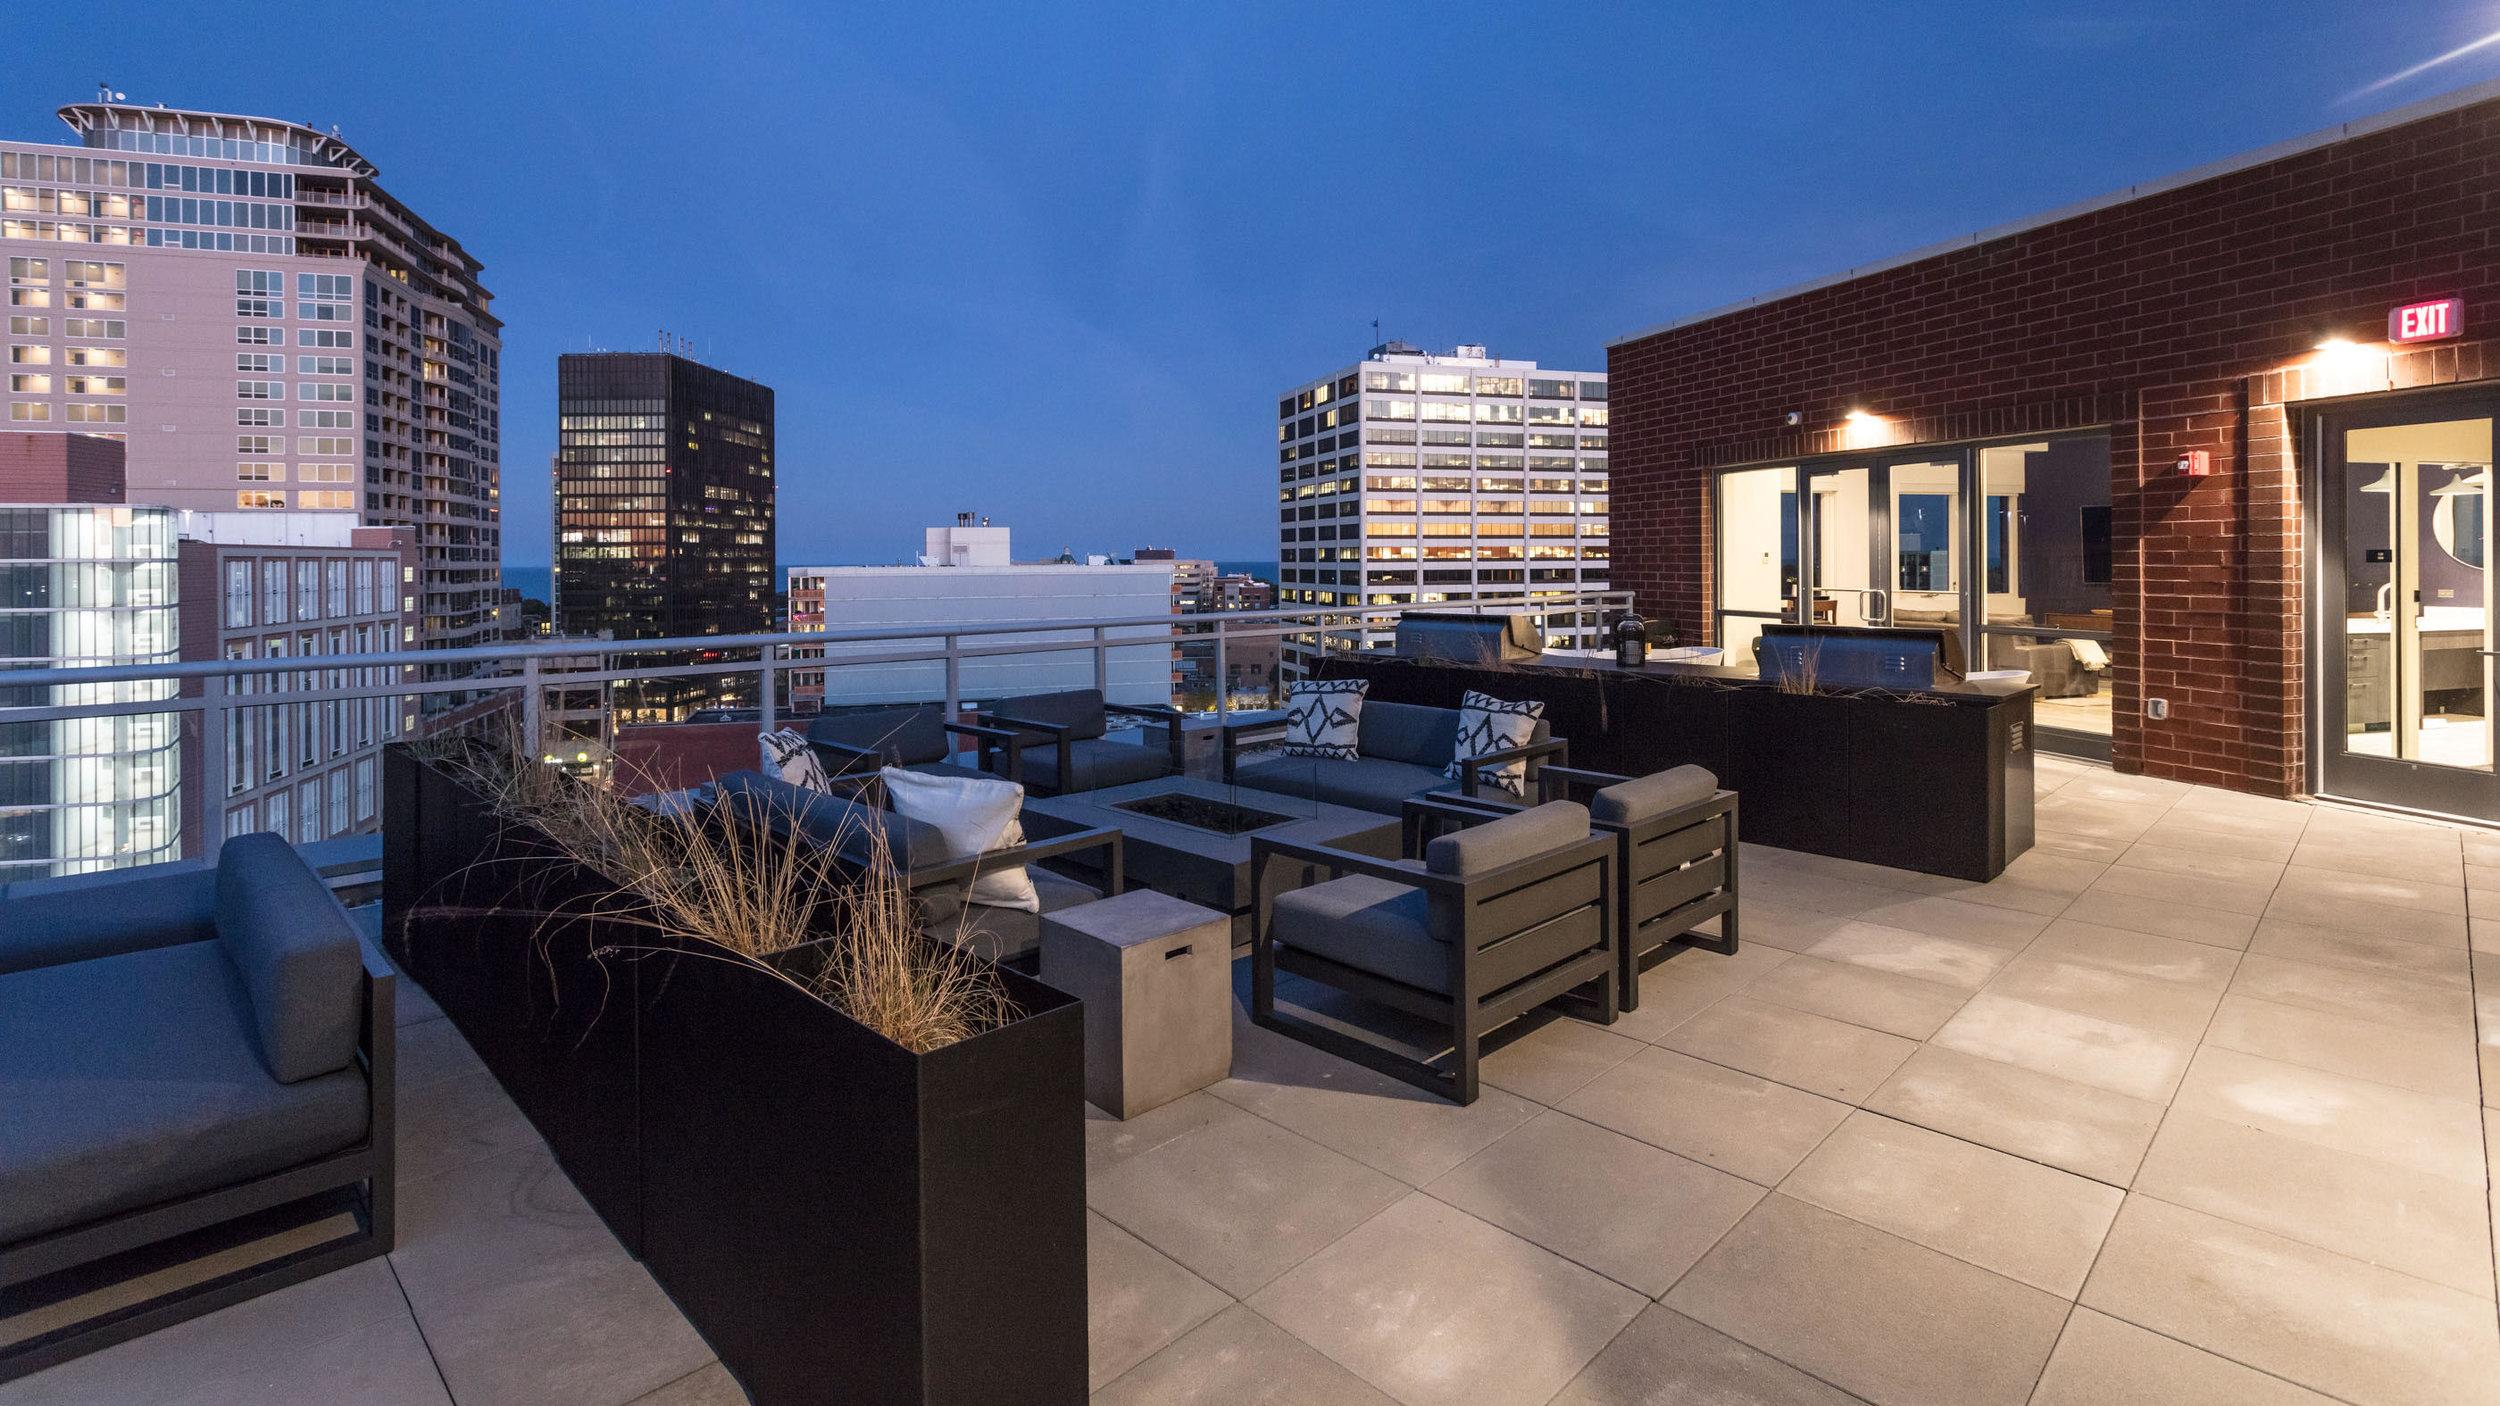 Centrum Evanston - Rooftop Deck - 04.jpg